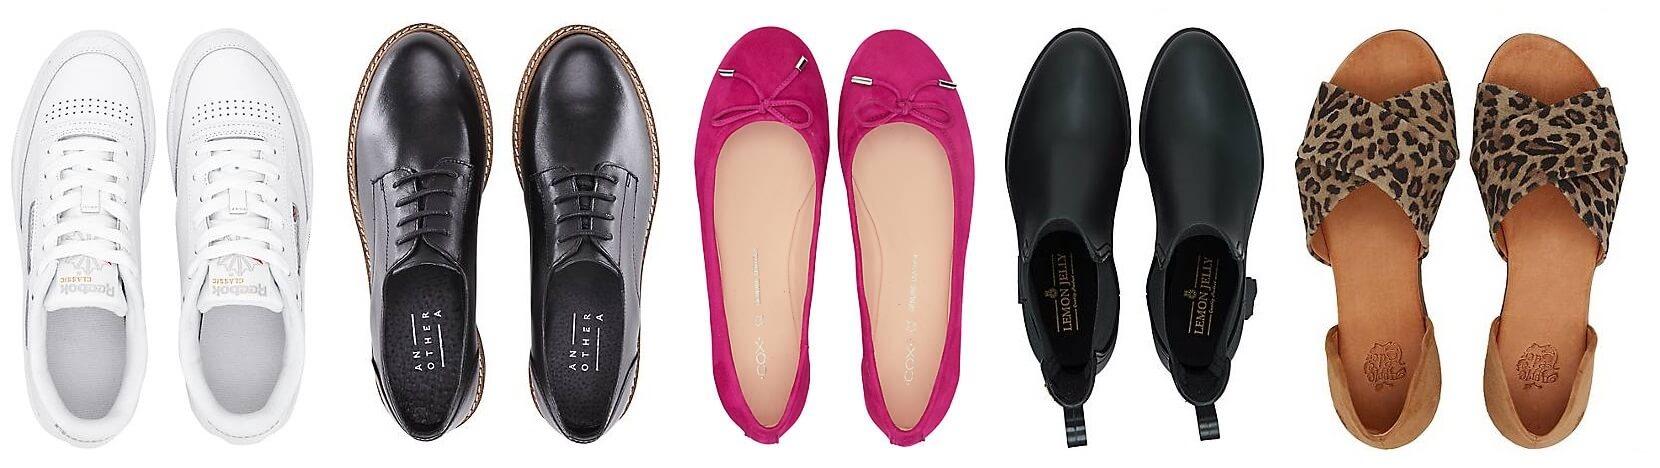 Damen Schuhe, feine und elegante Schuhe für Damen auf der